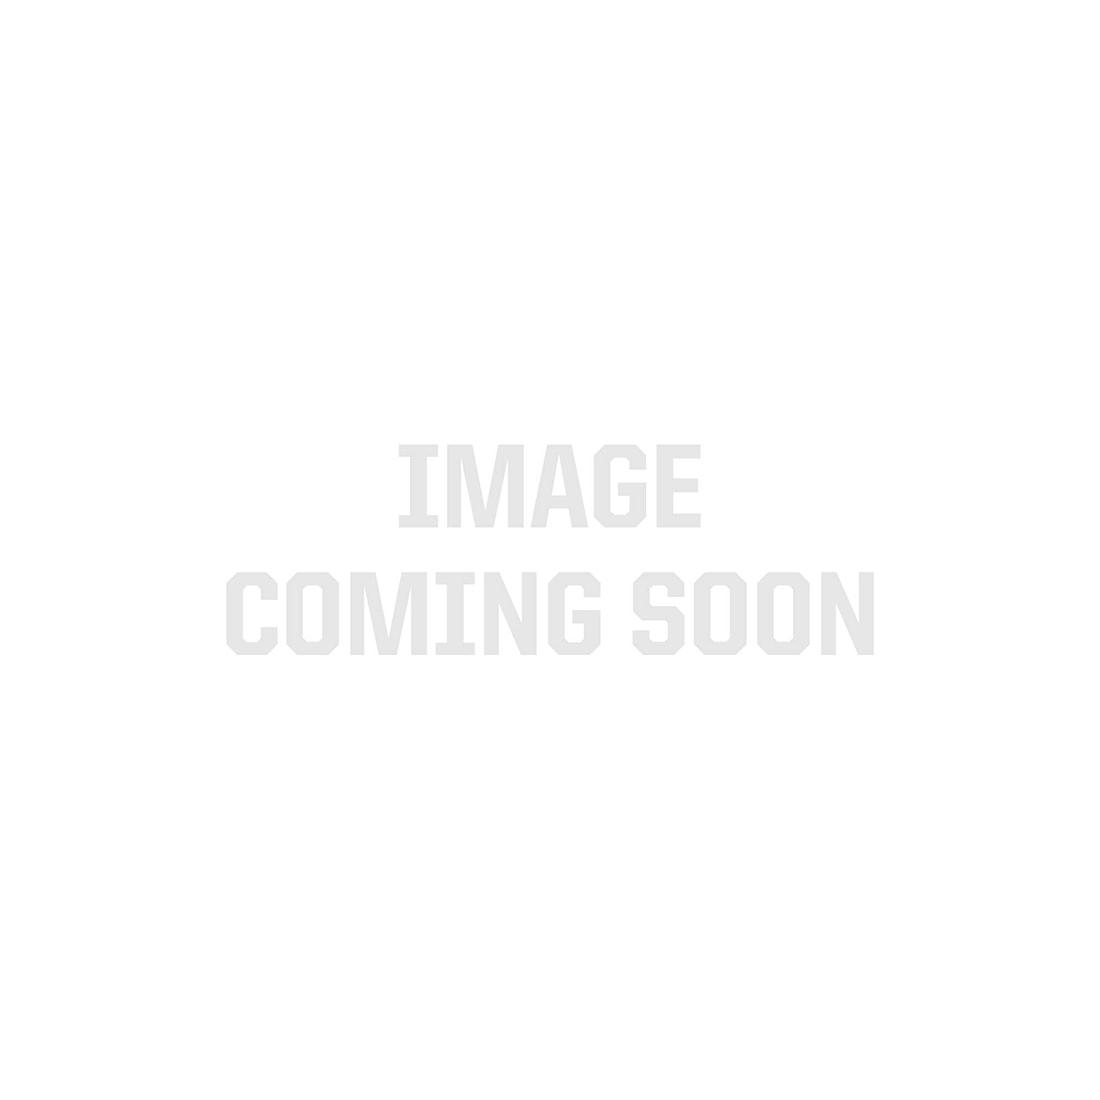 Neutral White 3528 Single Row LED Strip Light, 240/m, 10mm wide, Sample Kit